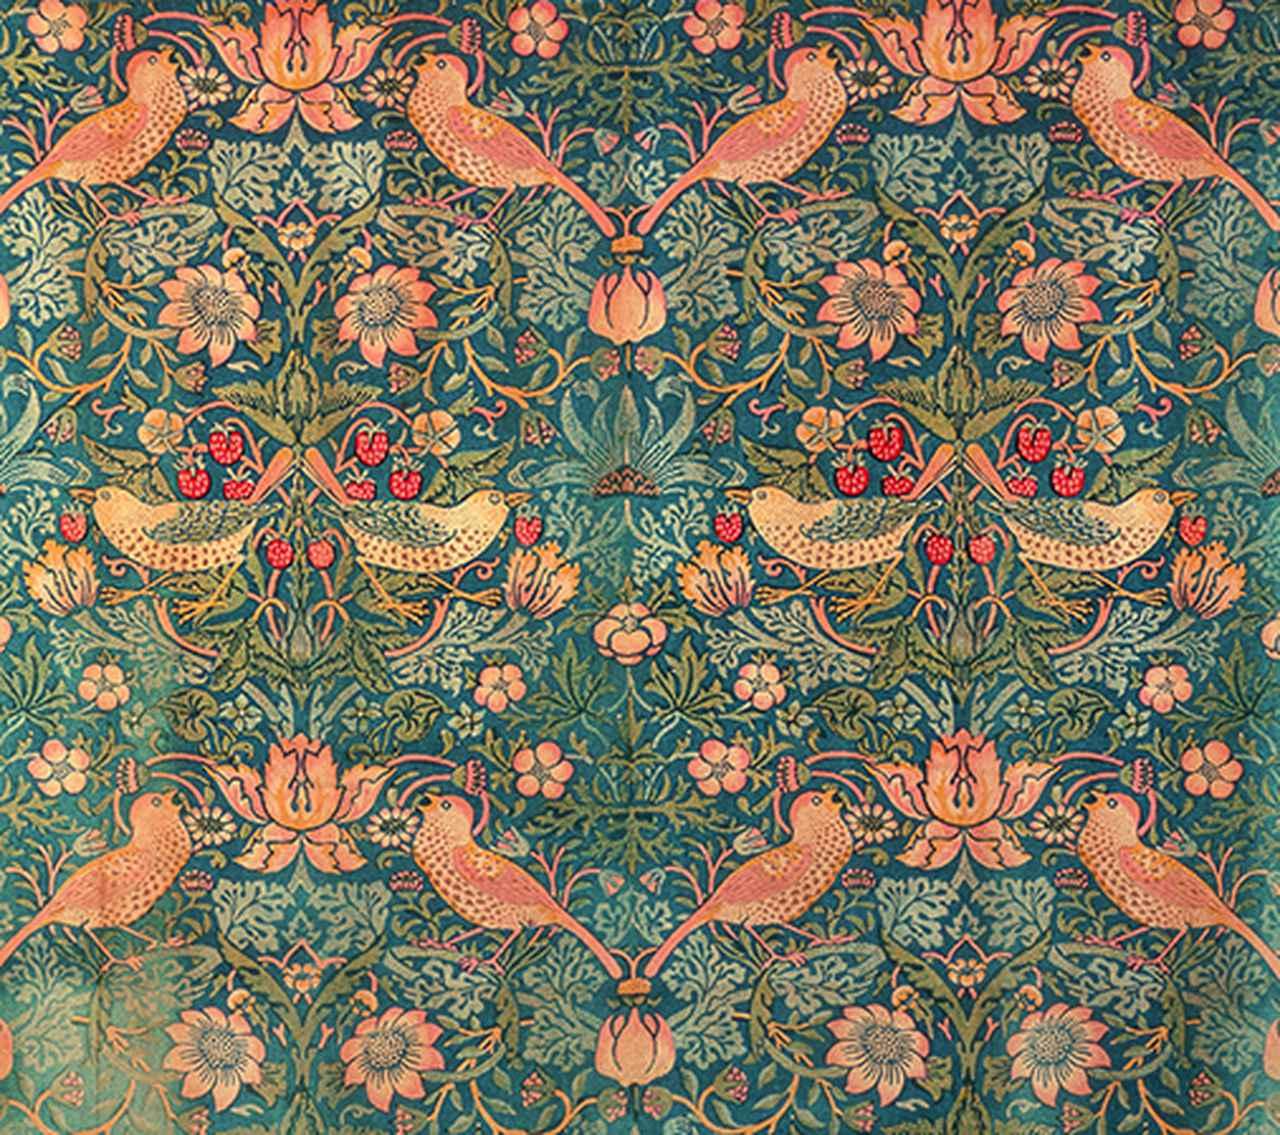 画像: 《いちご泥棒》デザイン: ウィリアム・モリス Photo ⓒBrain Trust Inc. 1883年 木版、色刷り、インディゴ抜染、木綿(内装用ファブリック)92.5 x 98 cm モリス商会